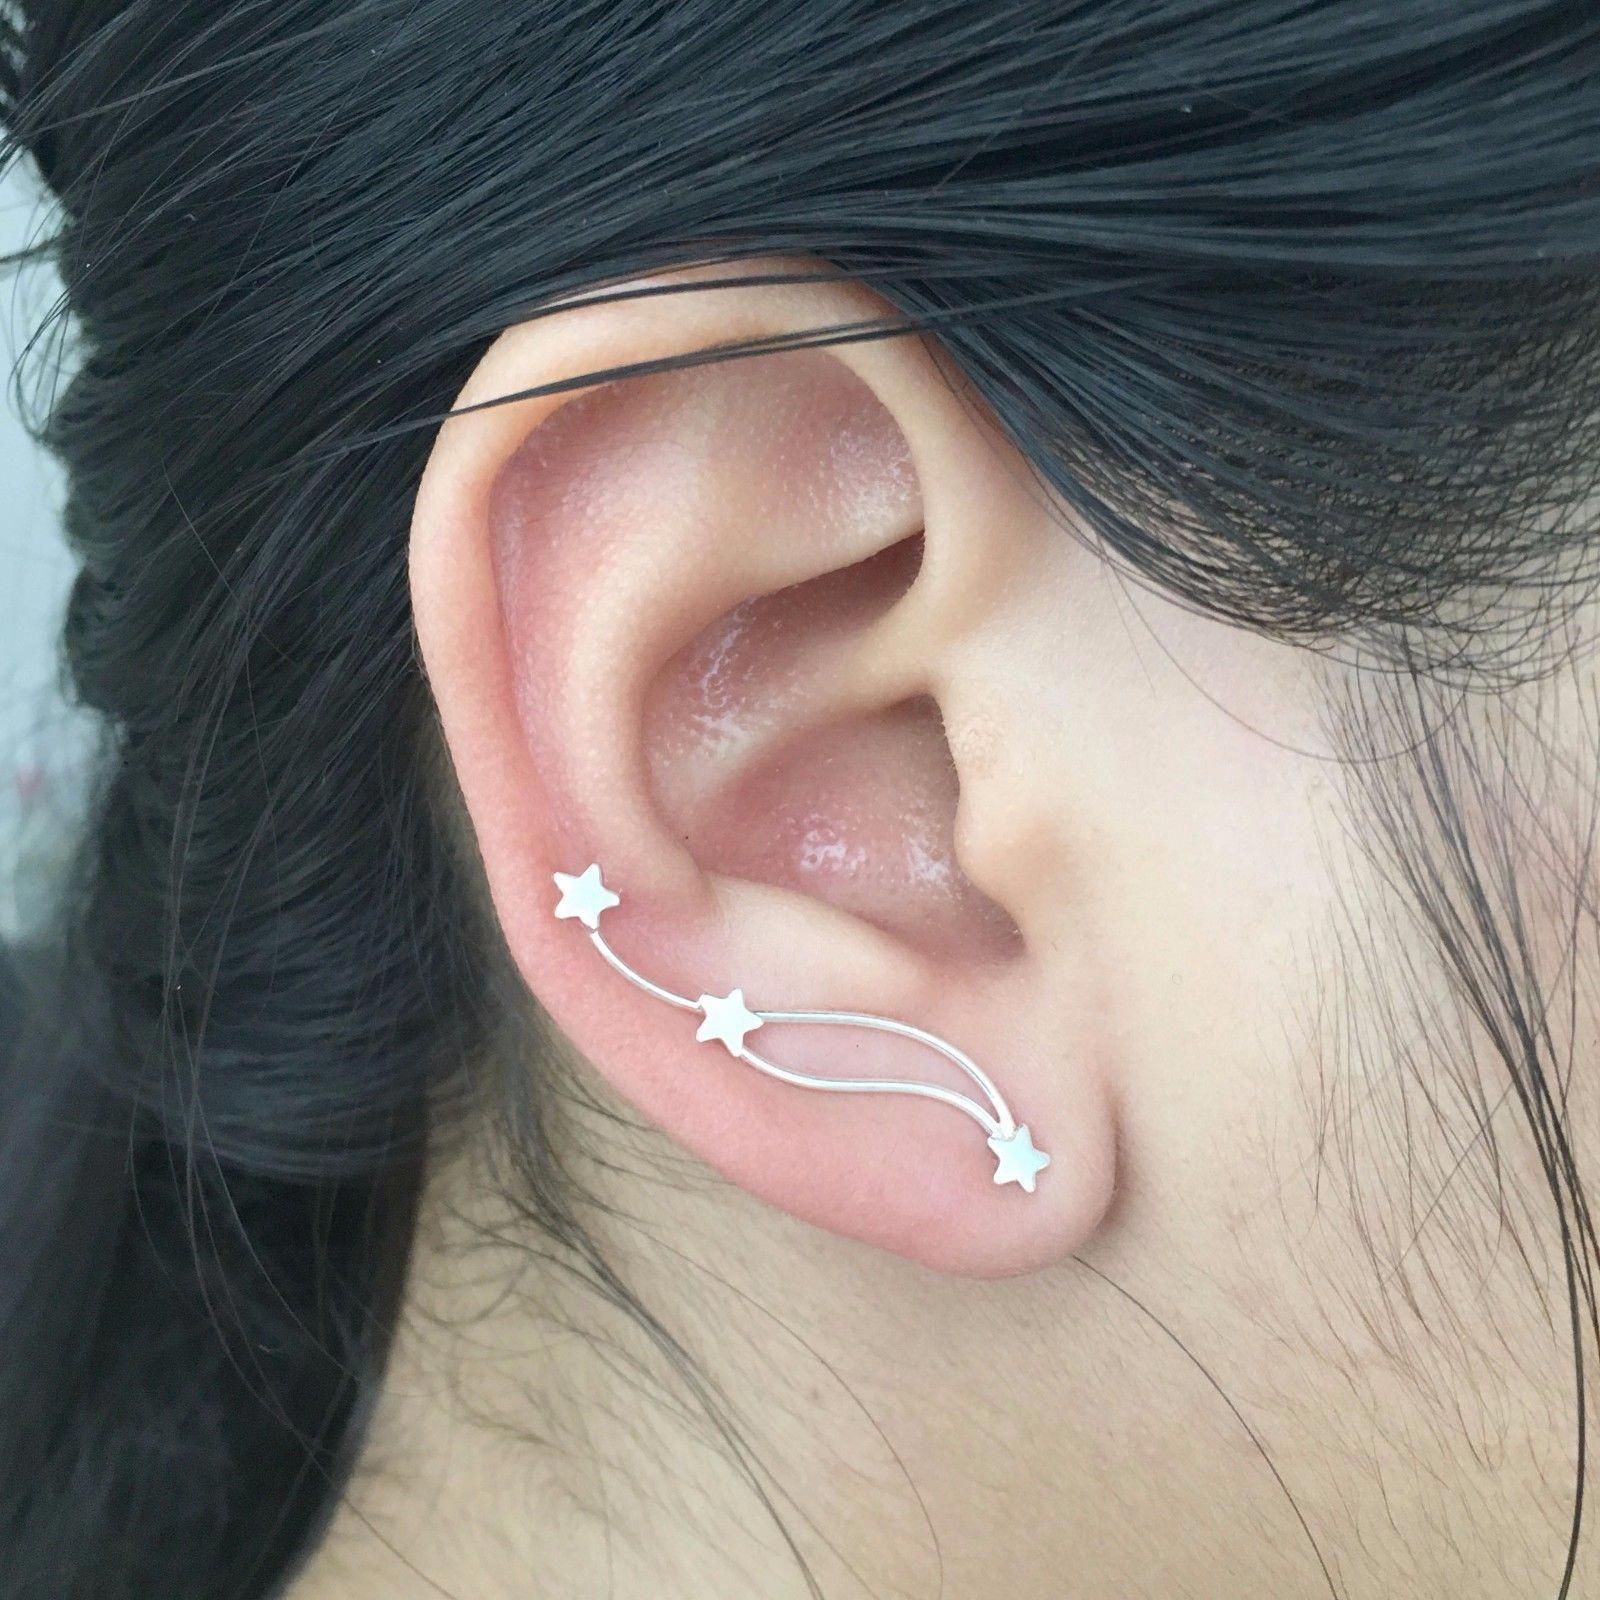 72411a1e0a76 Real 925 Sterling Silver Crawler Ear Climber 3 Stars Cuff Ear Sweep Pin  Earrings  sterlingsilverearrings